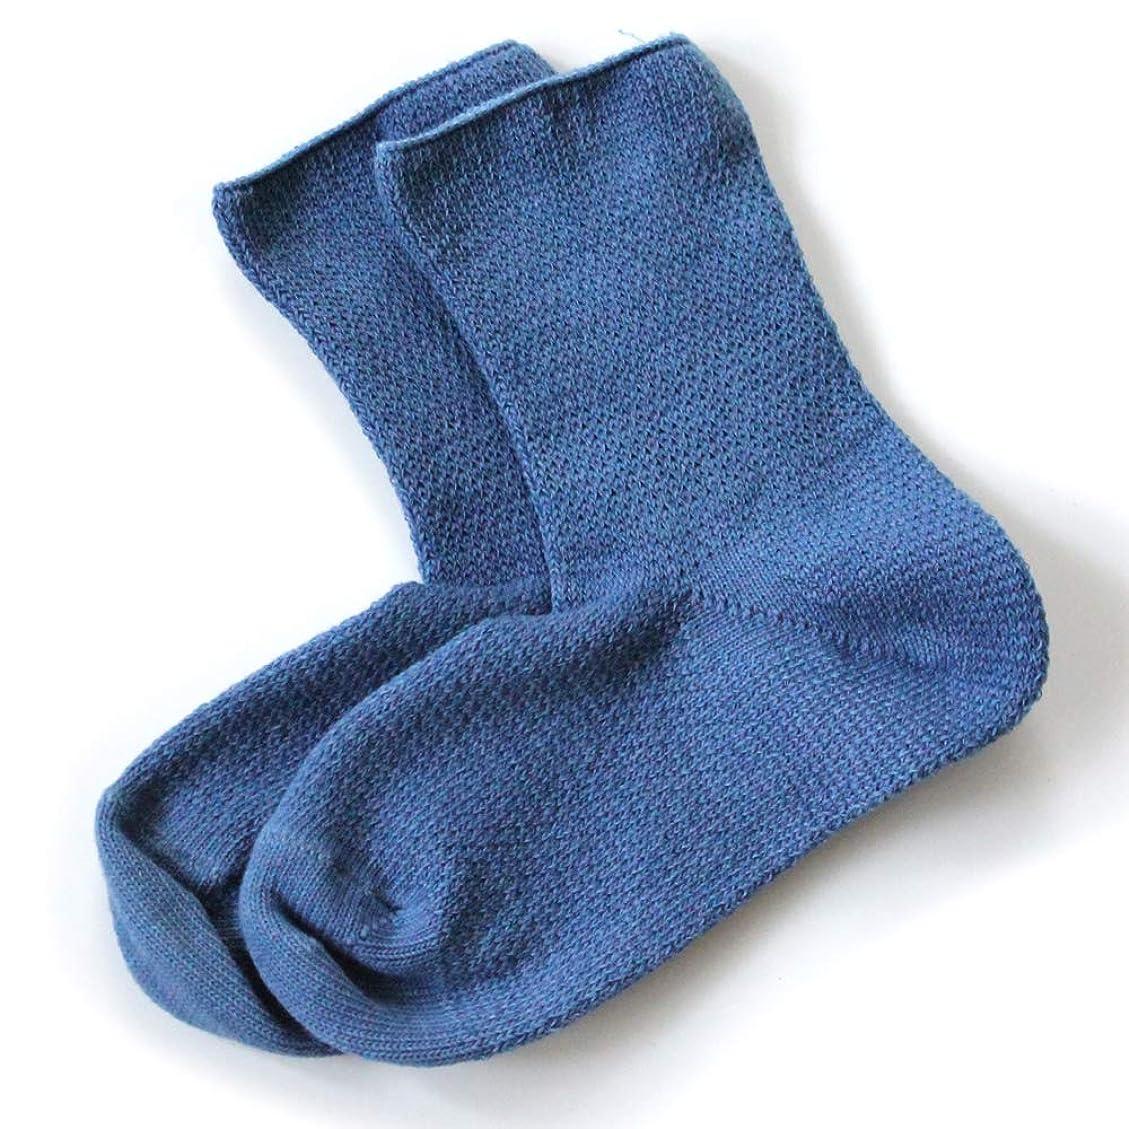 担保山シャワー靴下 ソックス L型靴下 楽々靴下ラソックス 藍染 (Mサイズ)EMバイオ糸 日本製 トータス